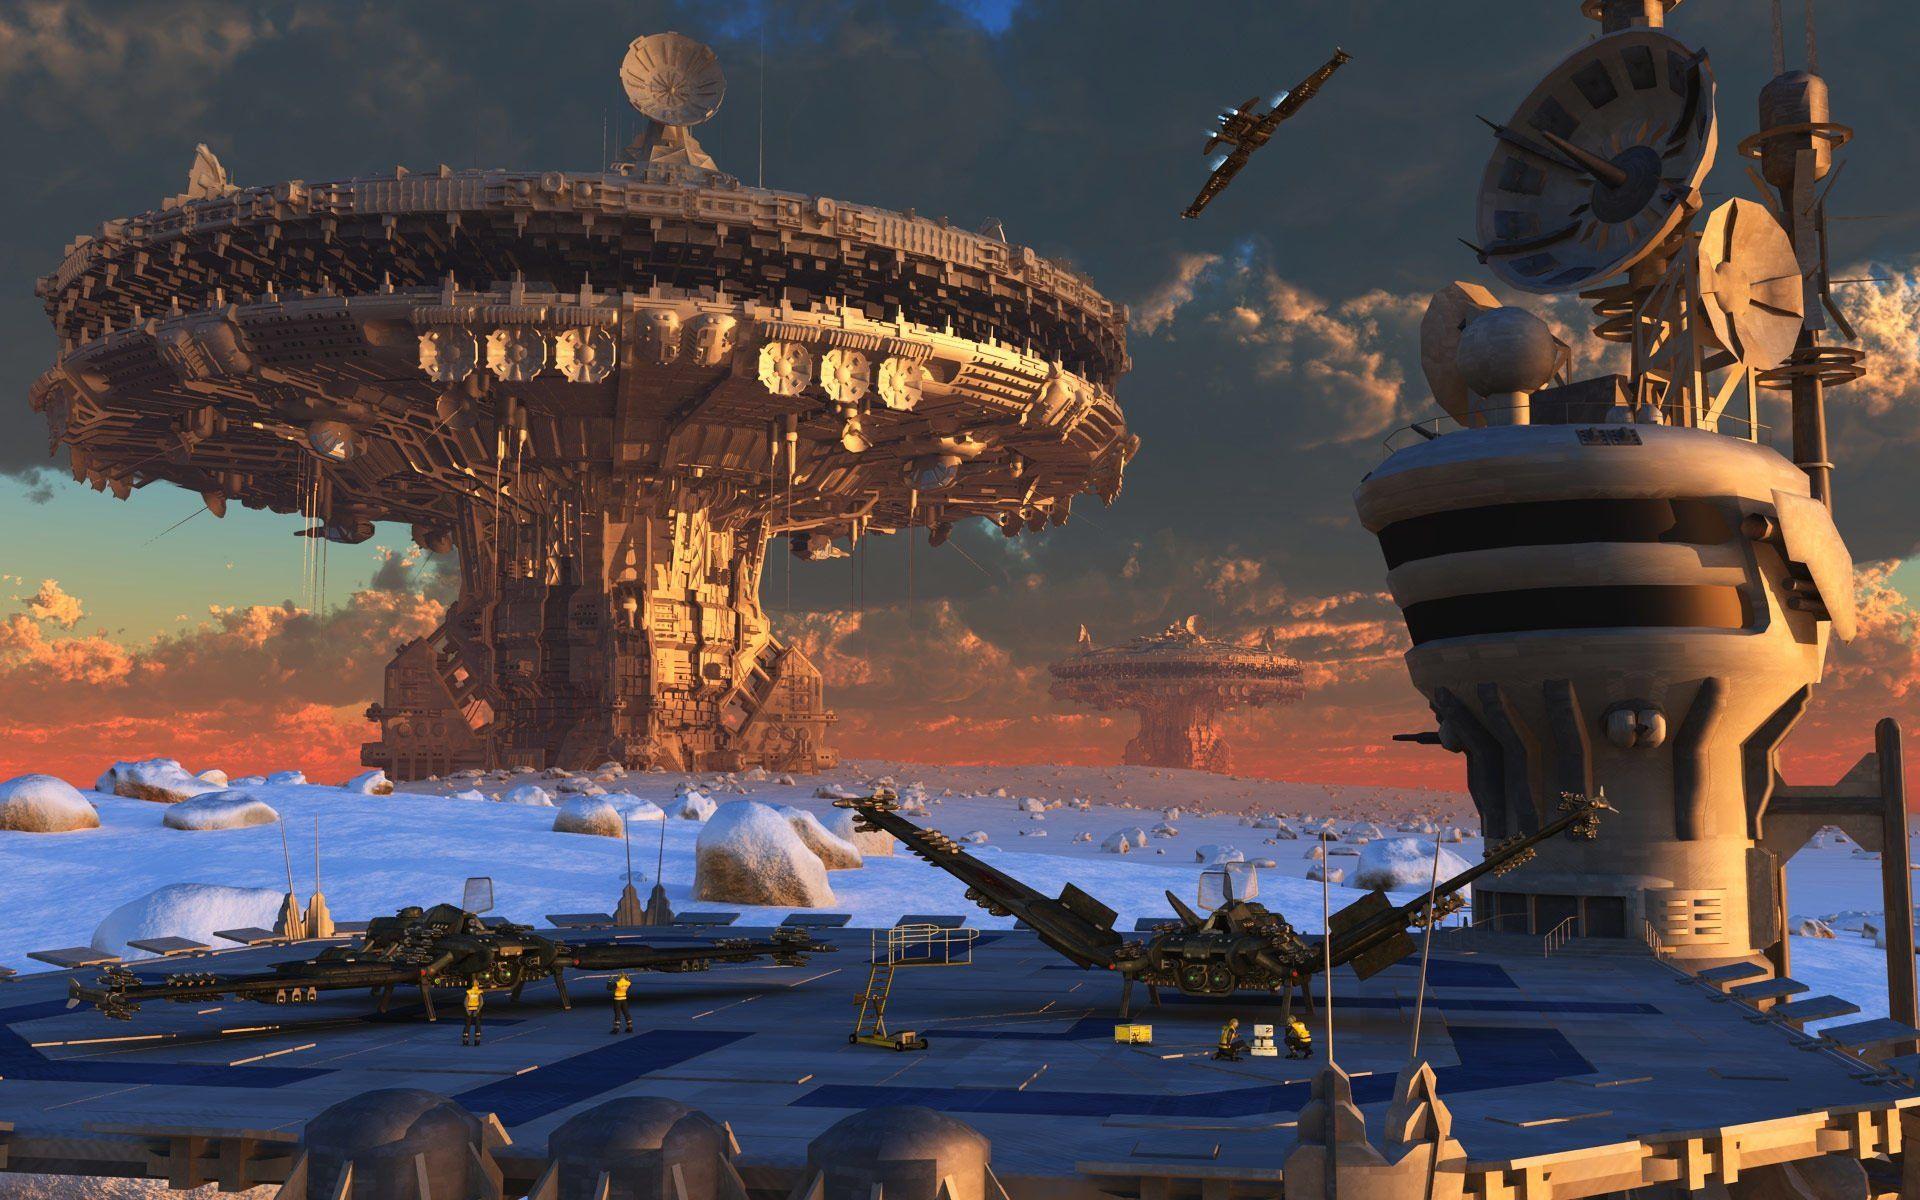 Sci Fi Spaceport Wallpaper Sci fi spaceships, Future